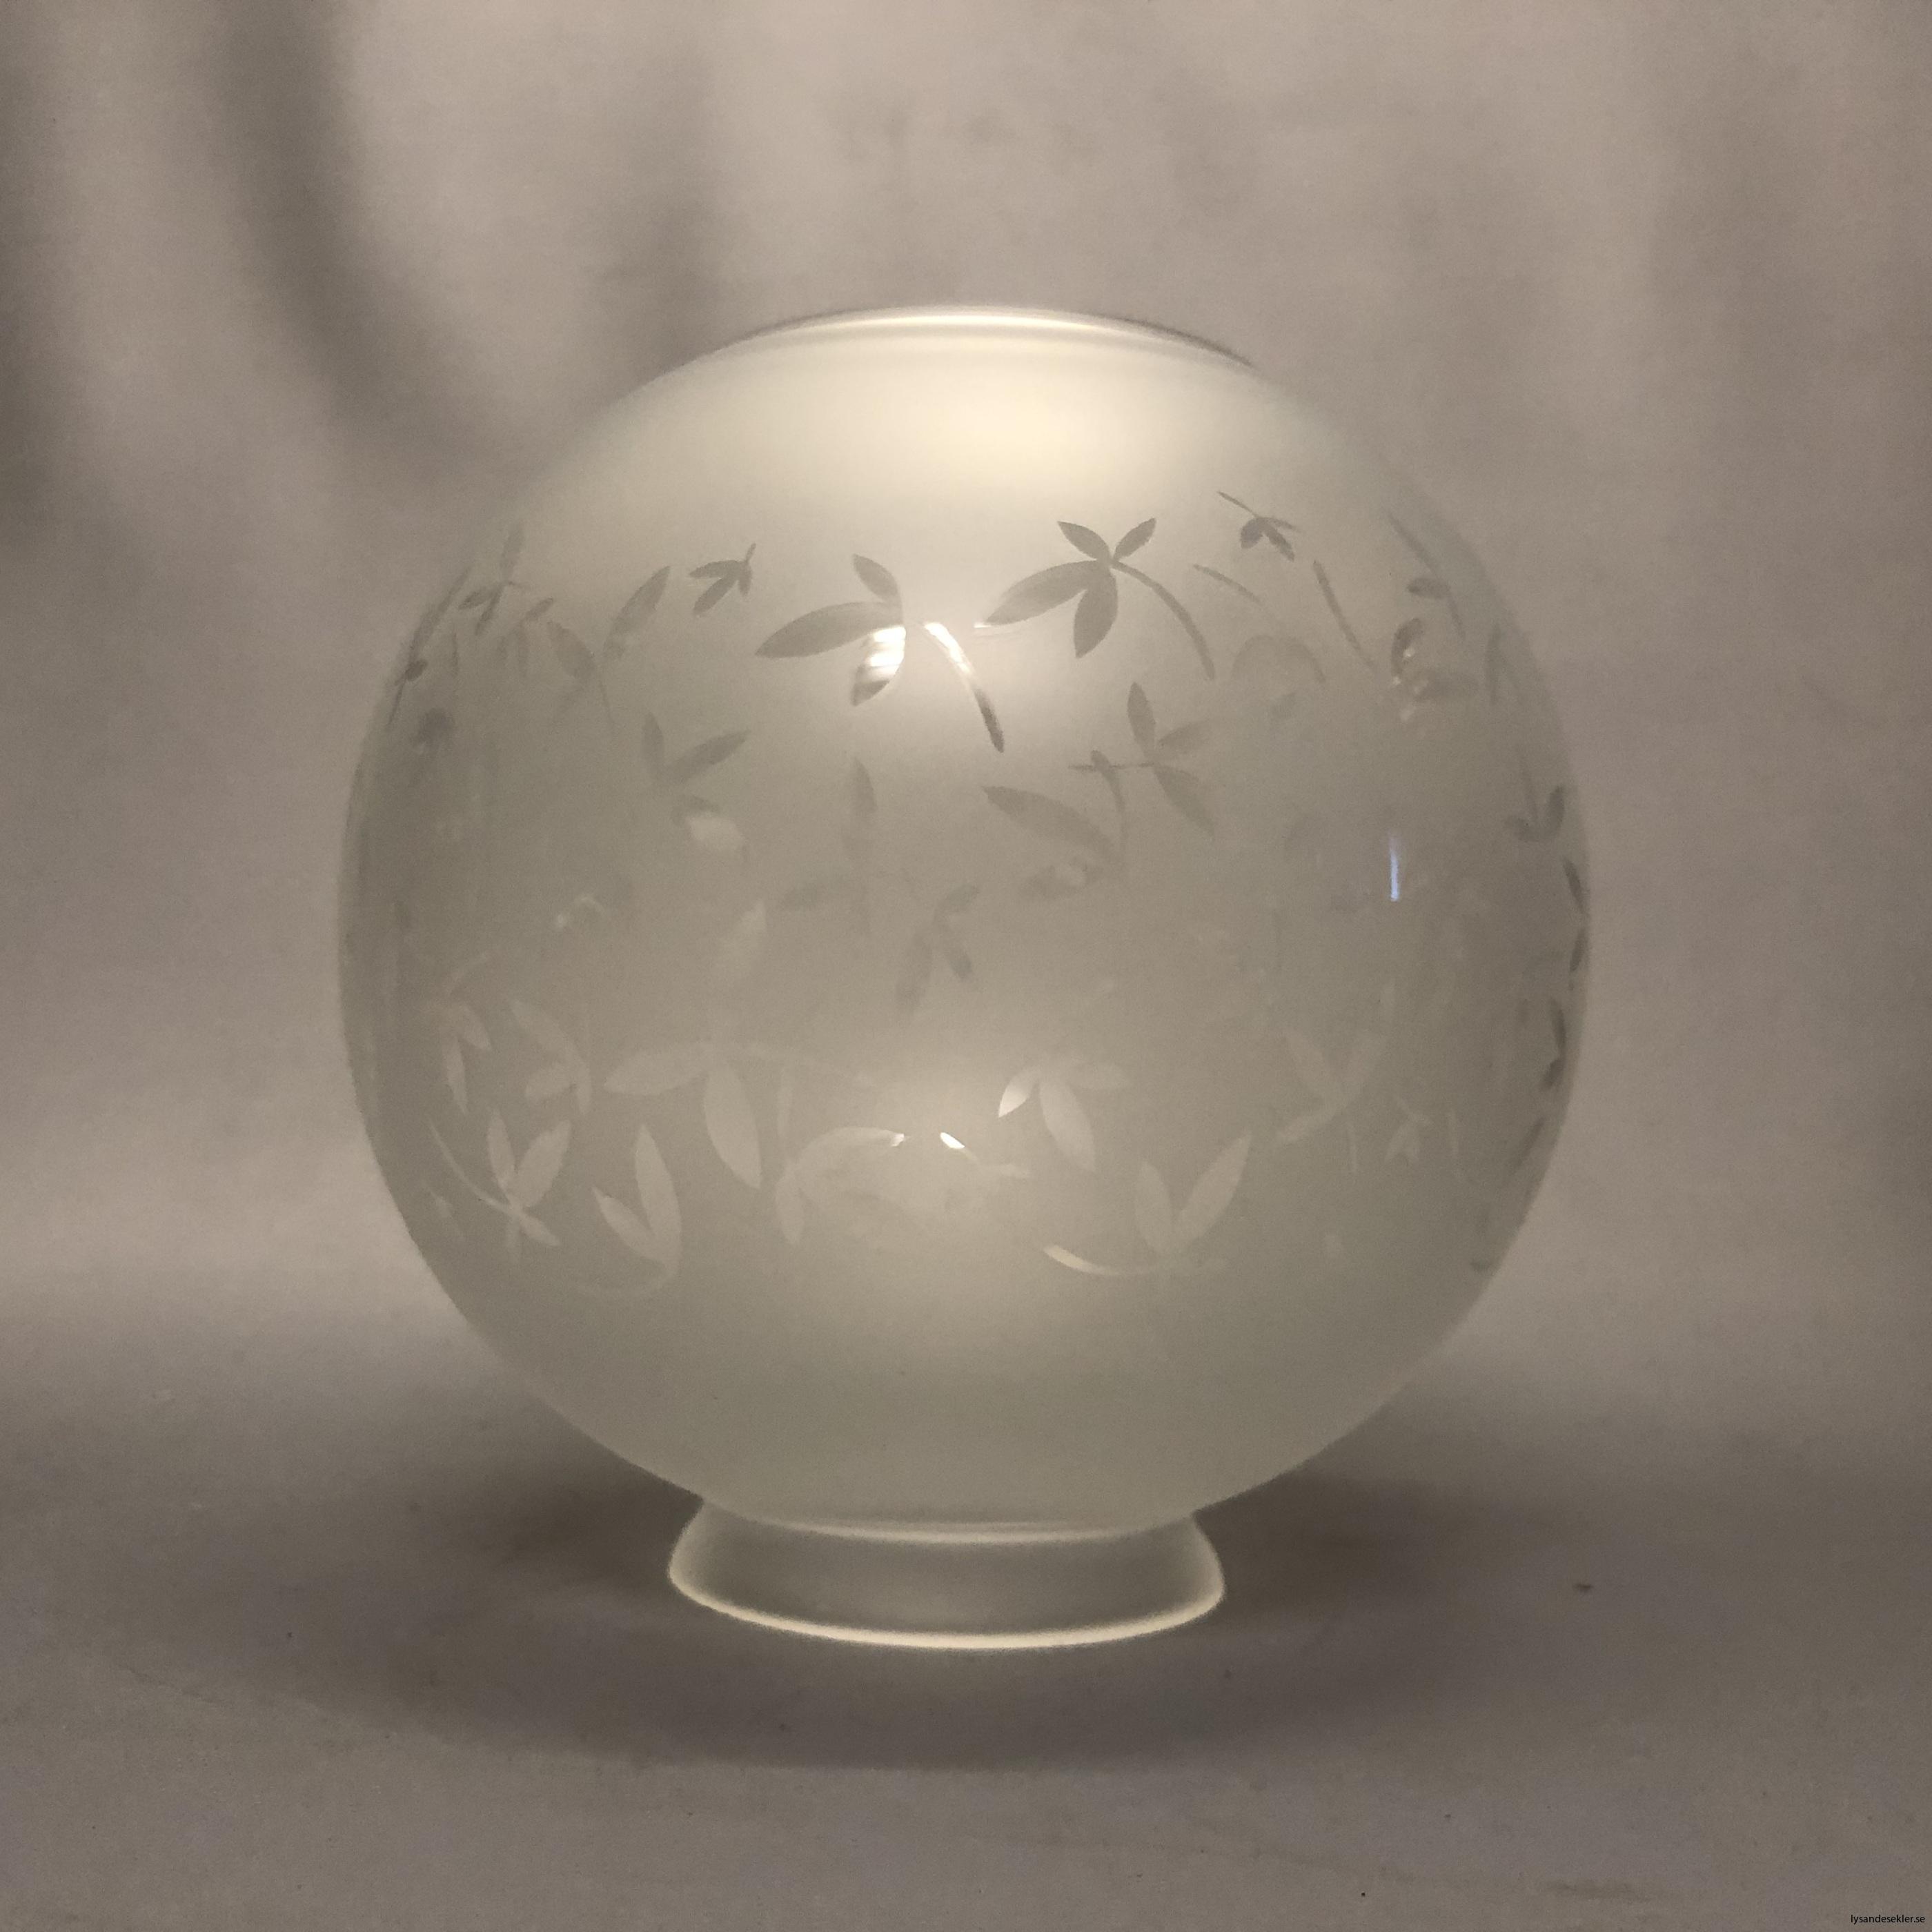 klotkupa liten frostad ornamenterad med blad12